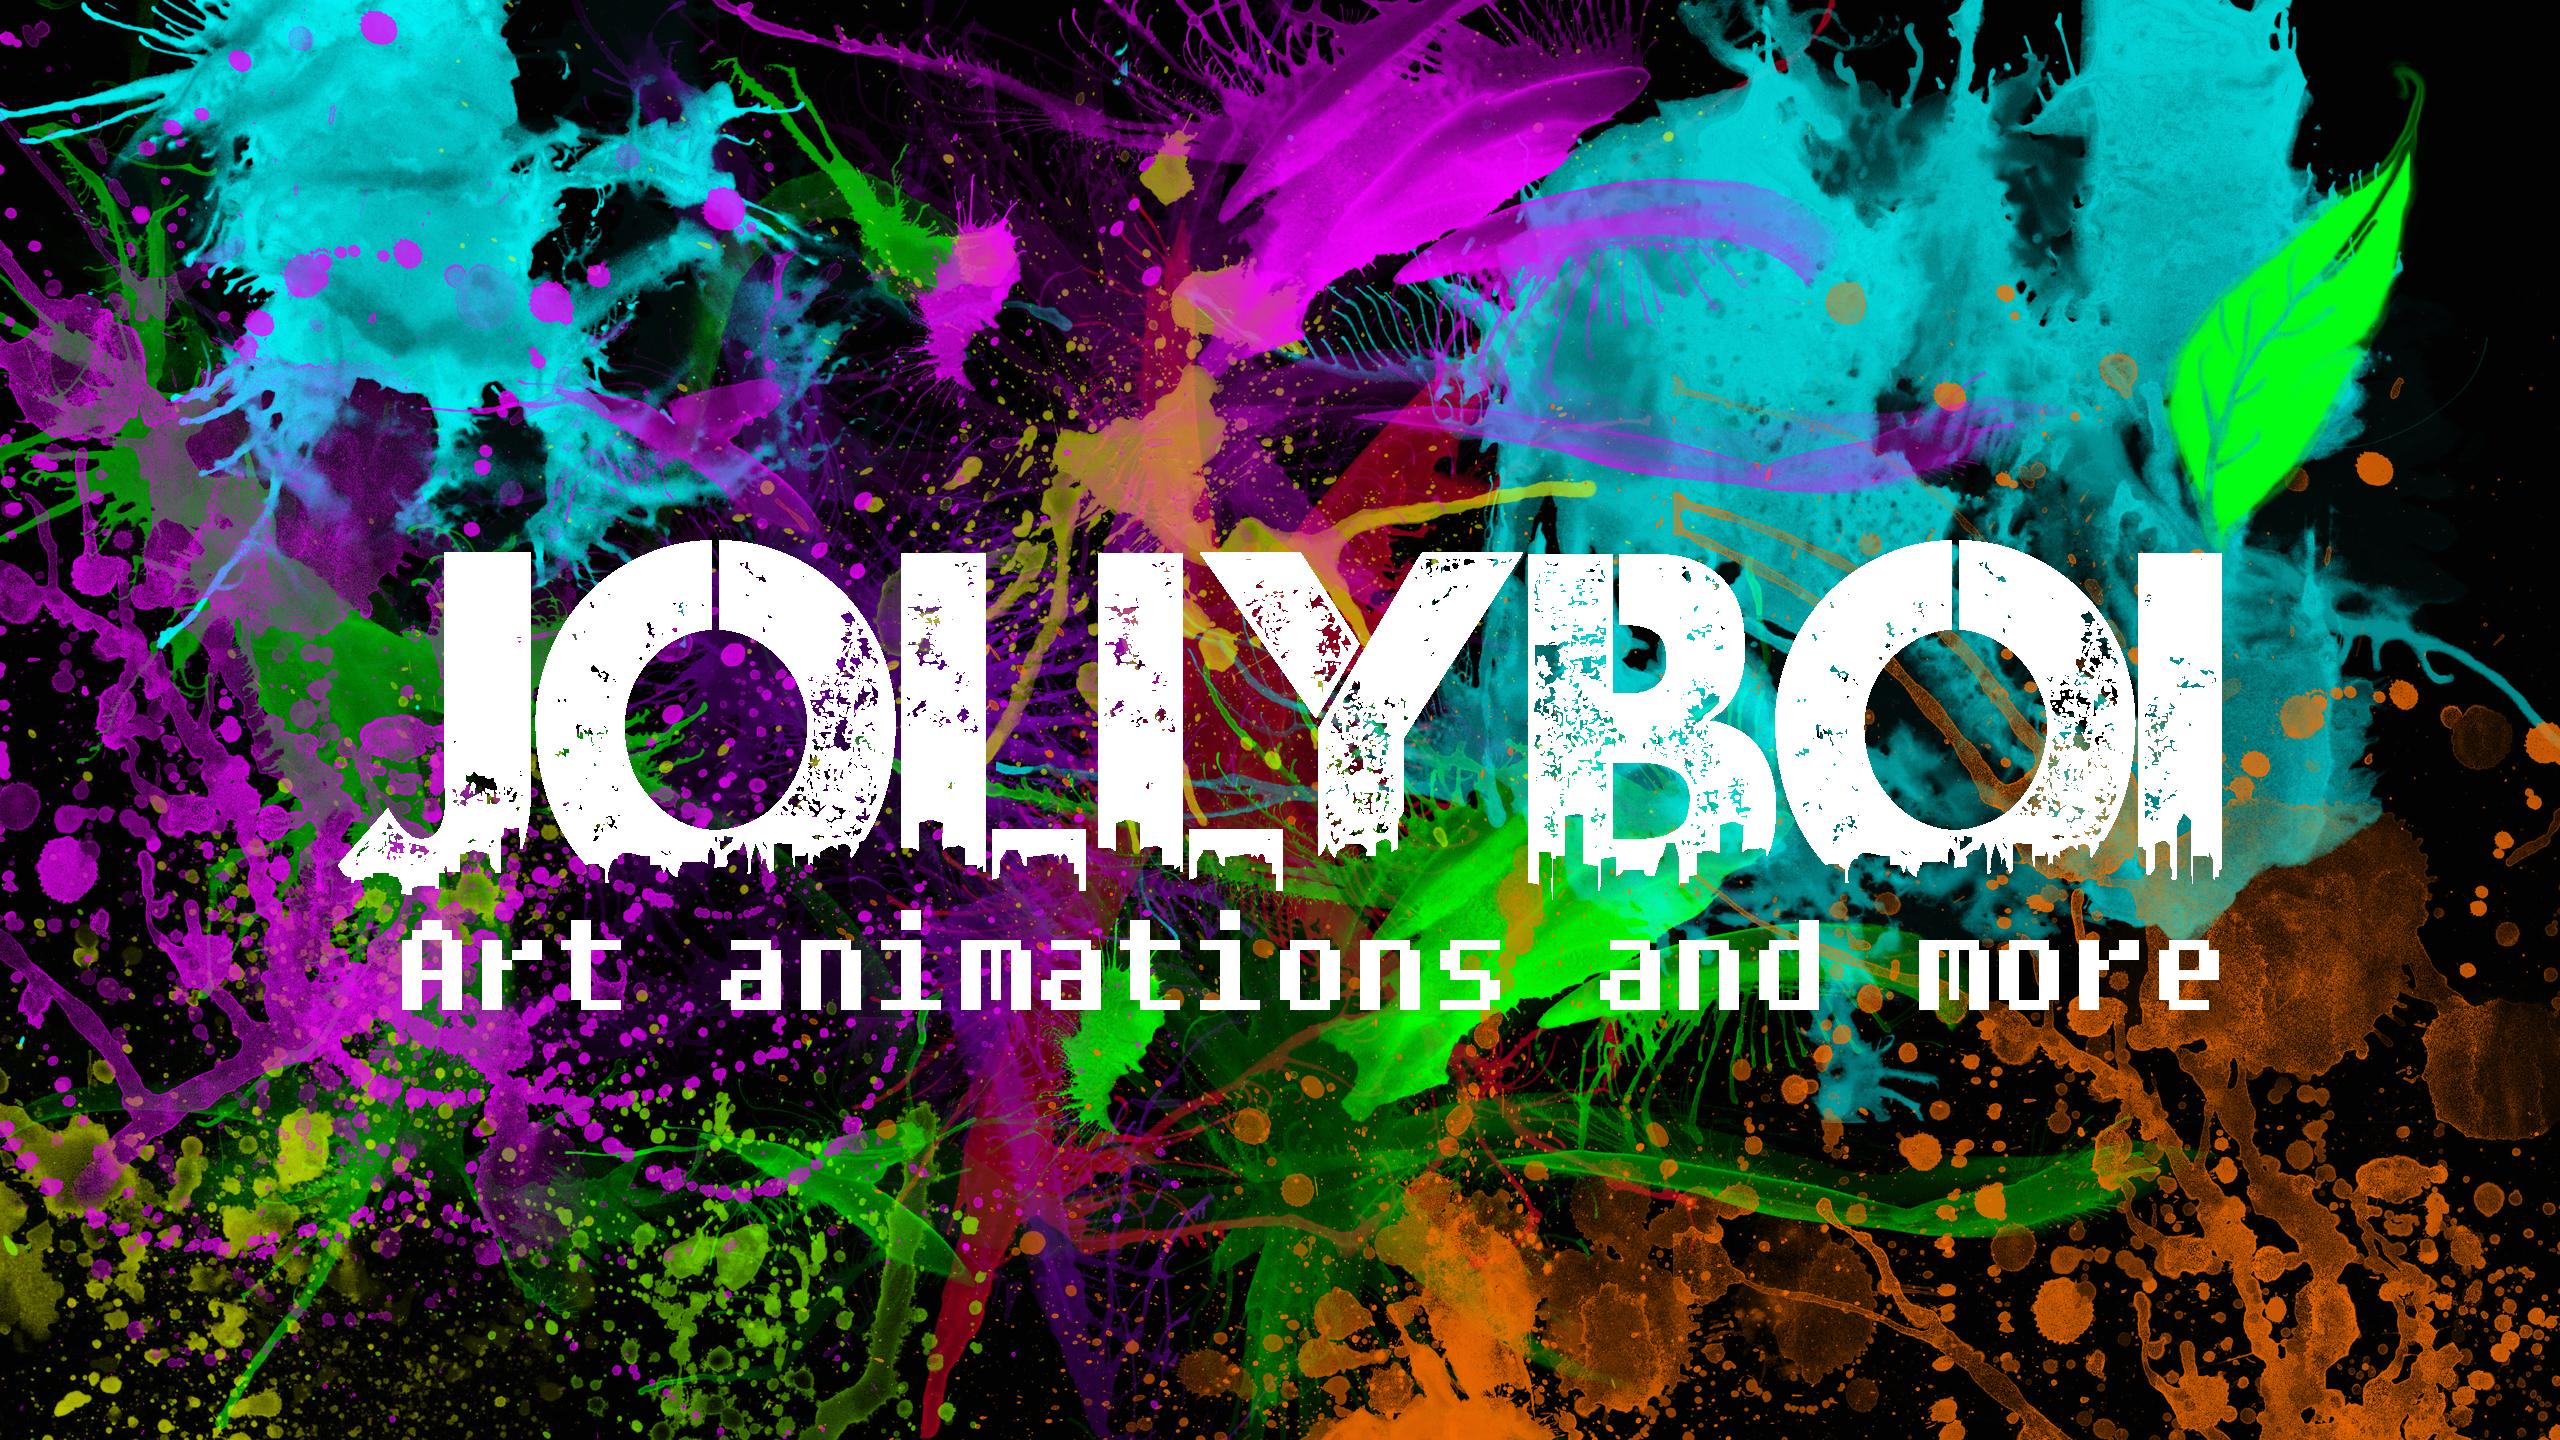 JollyBoi's New Wallpaper!